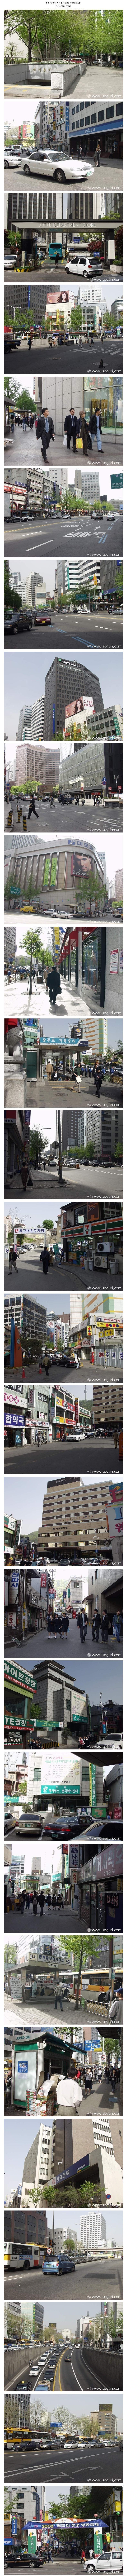 딱 20년 전의 서울 명동 풍경 - 꾸르